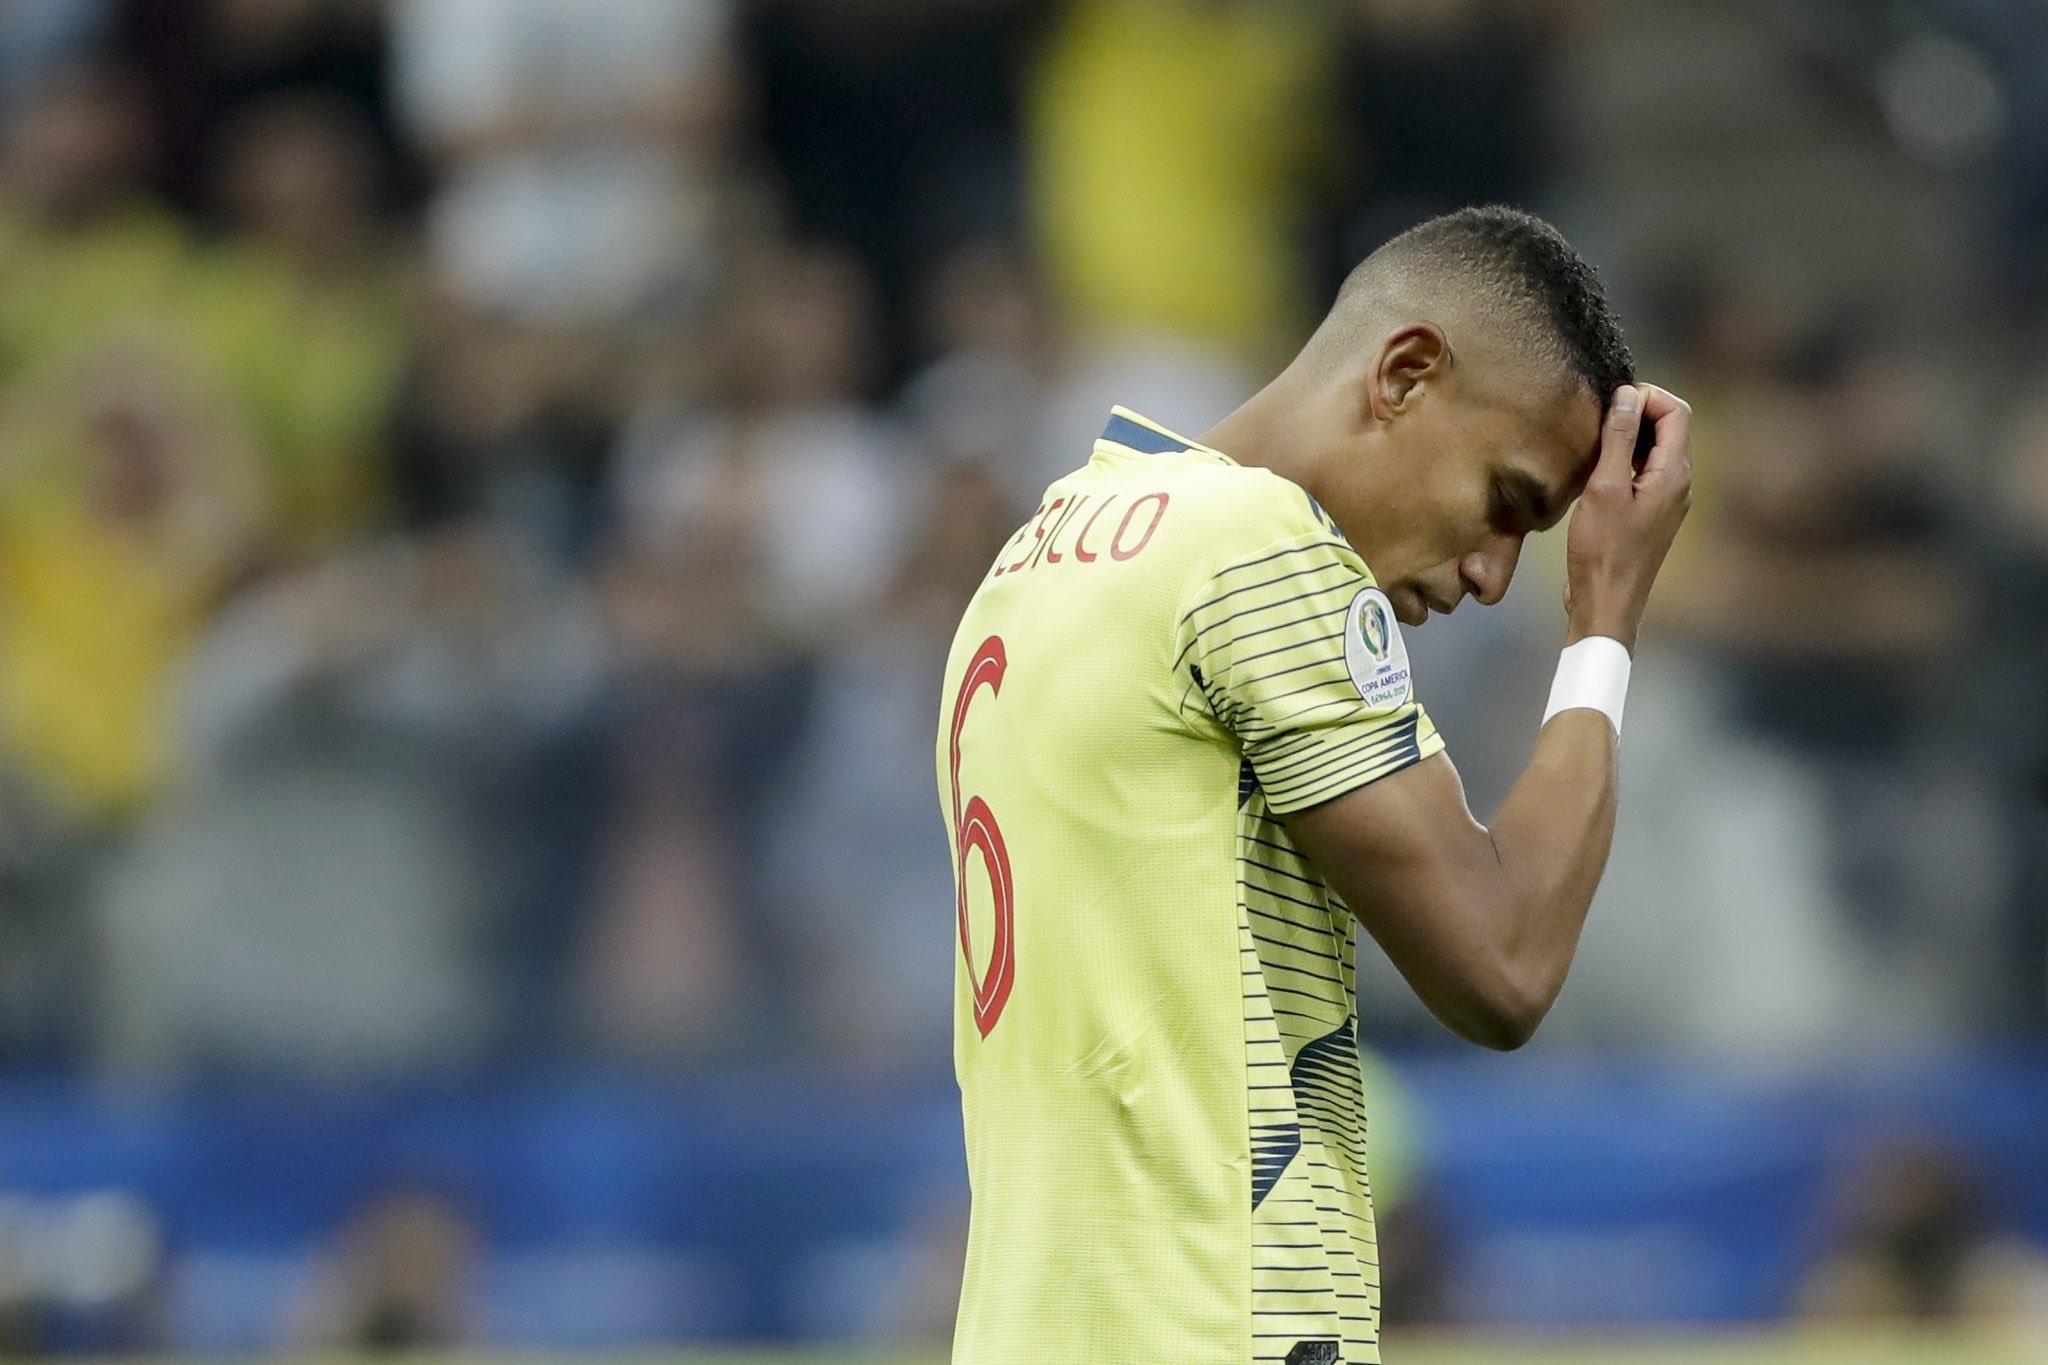 Amenazaron de muerte a jugador de Colombia. Foto: Twitter